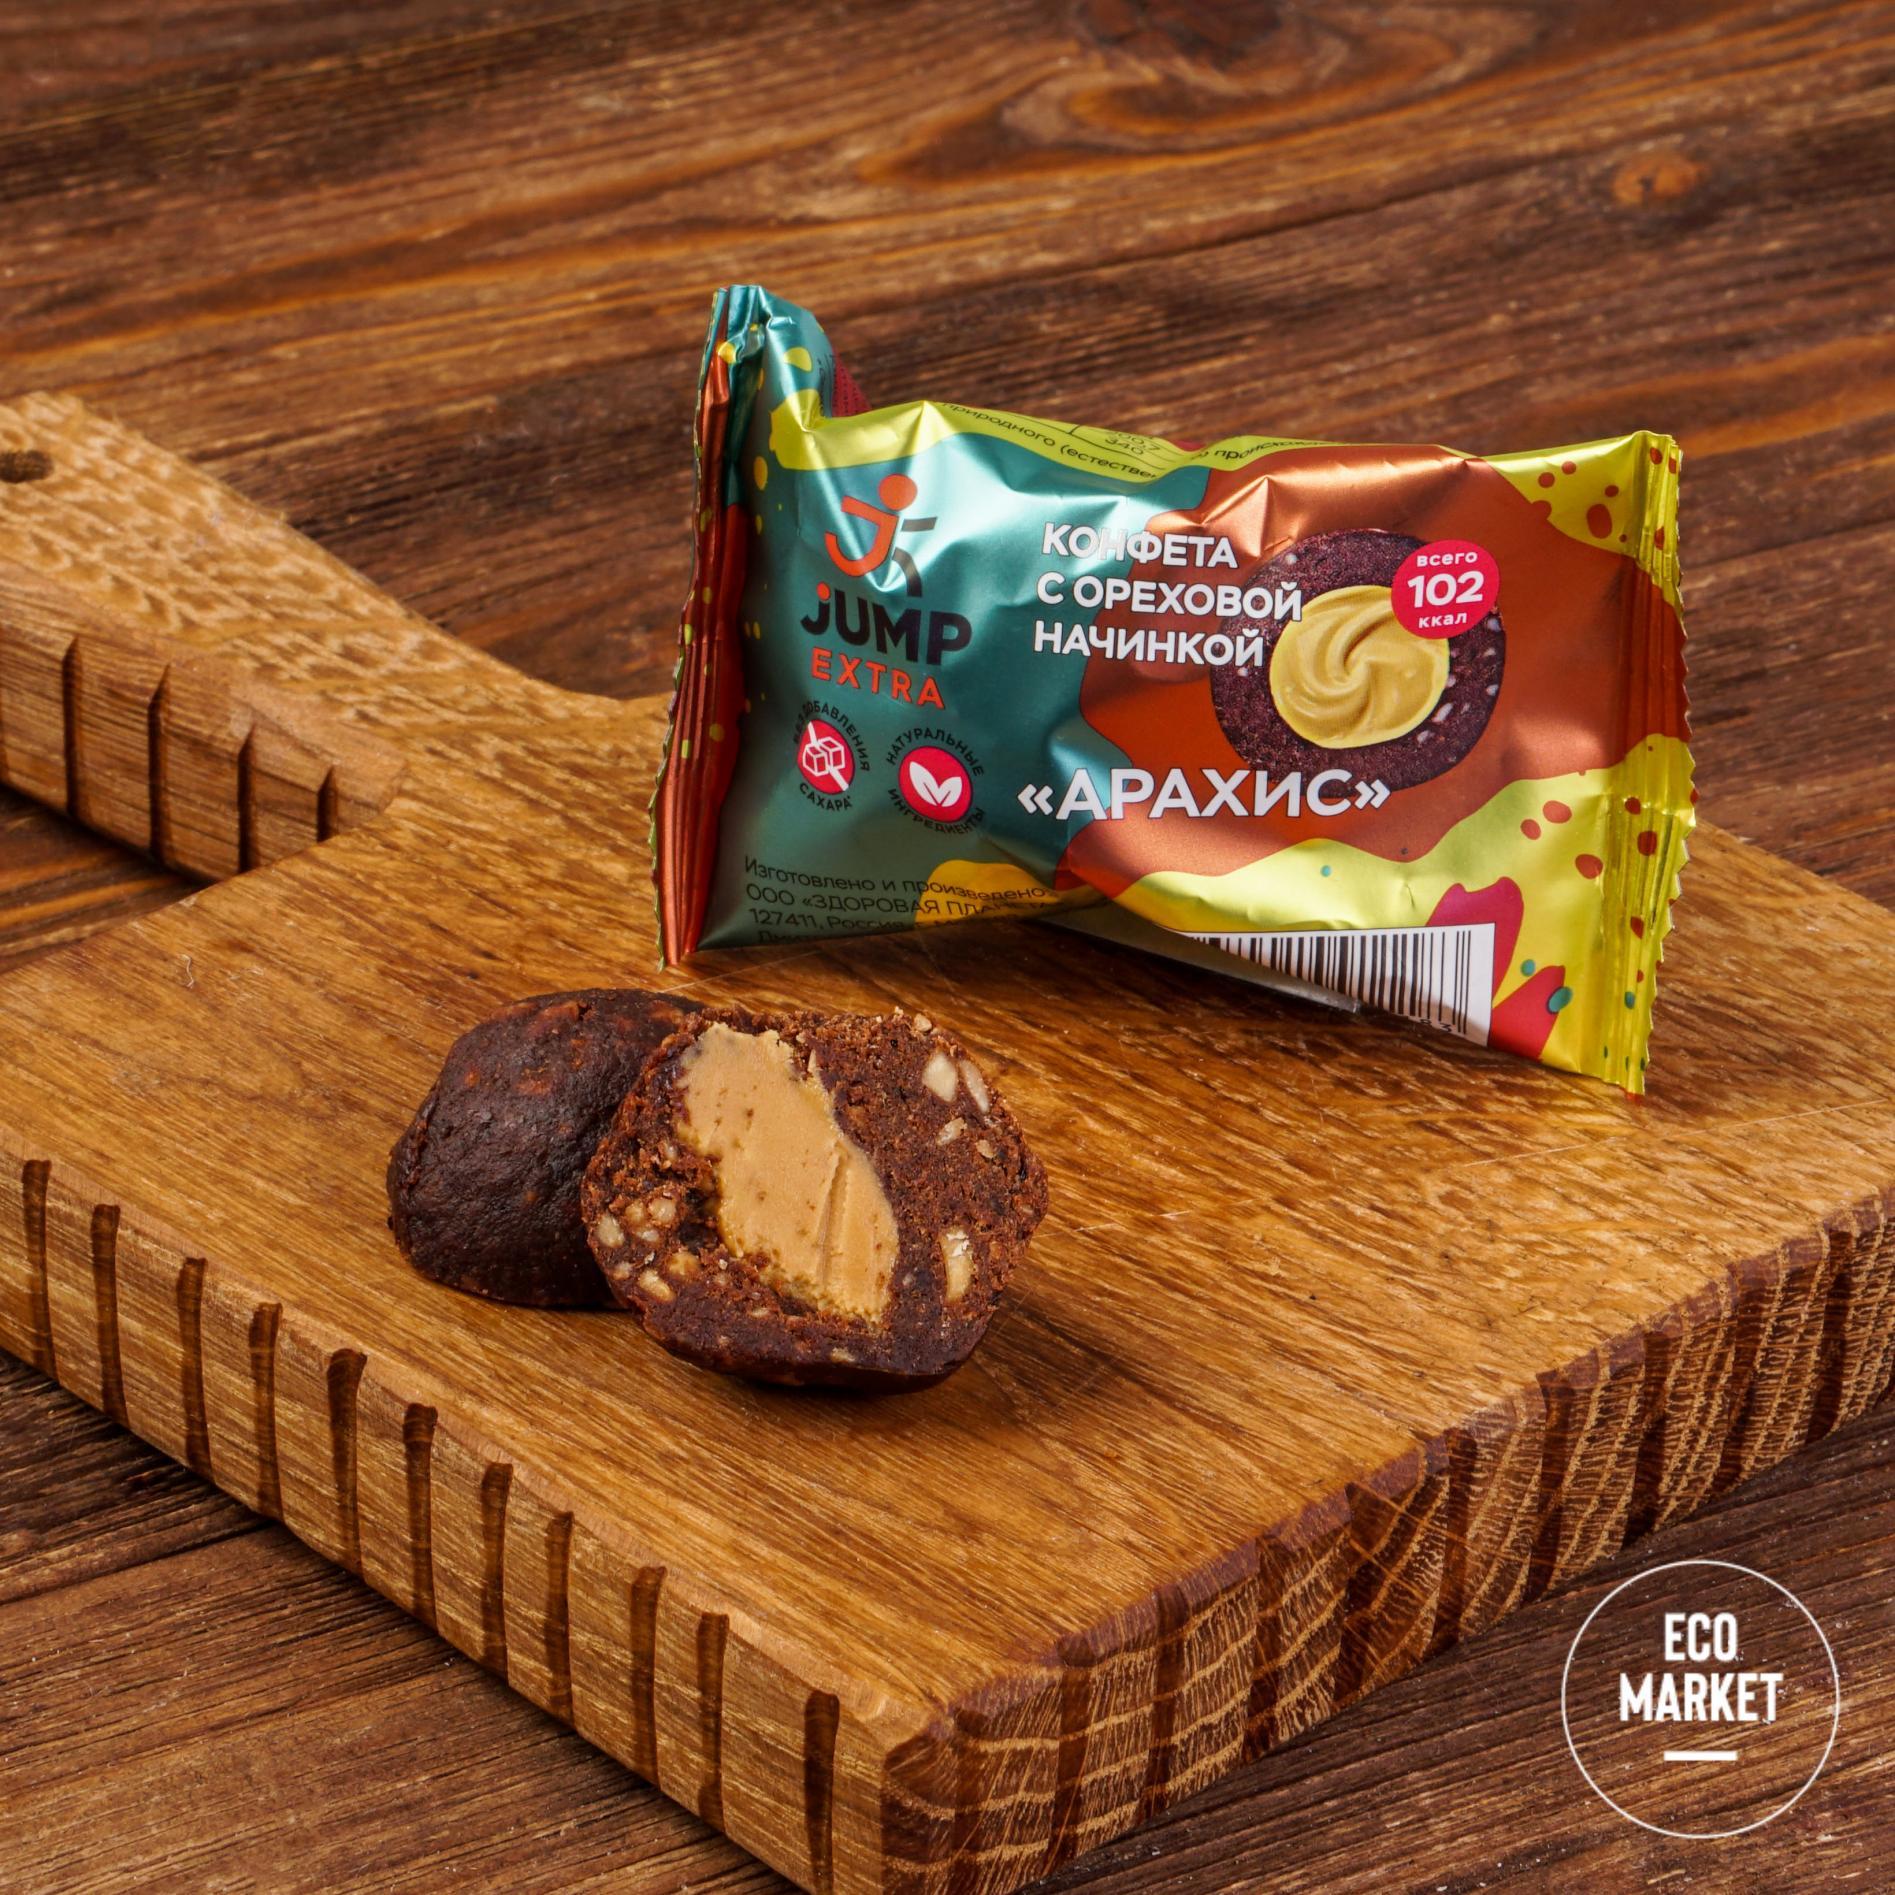 Конфета с ореховой начинкой Арахис, Jump Extra - 30 г